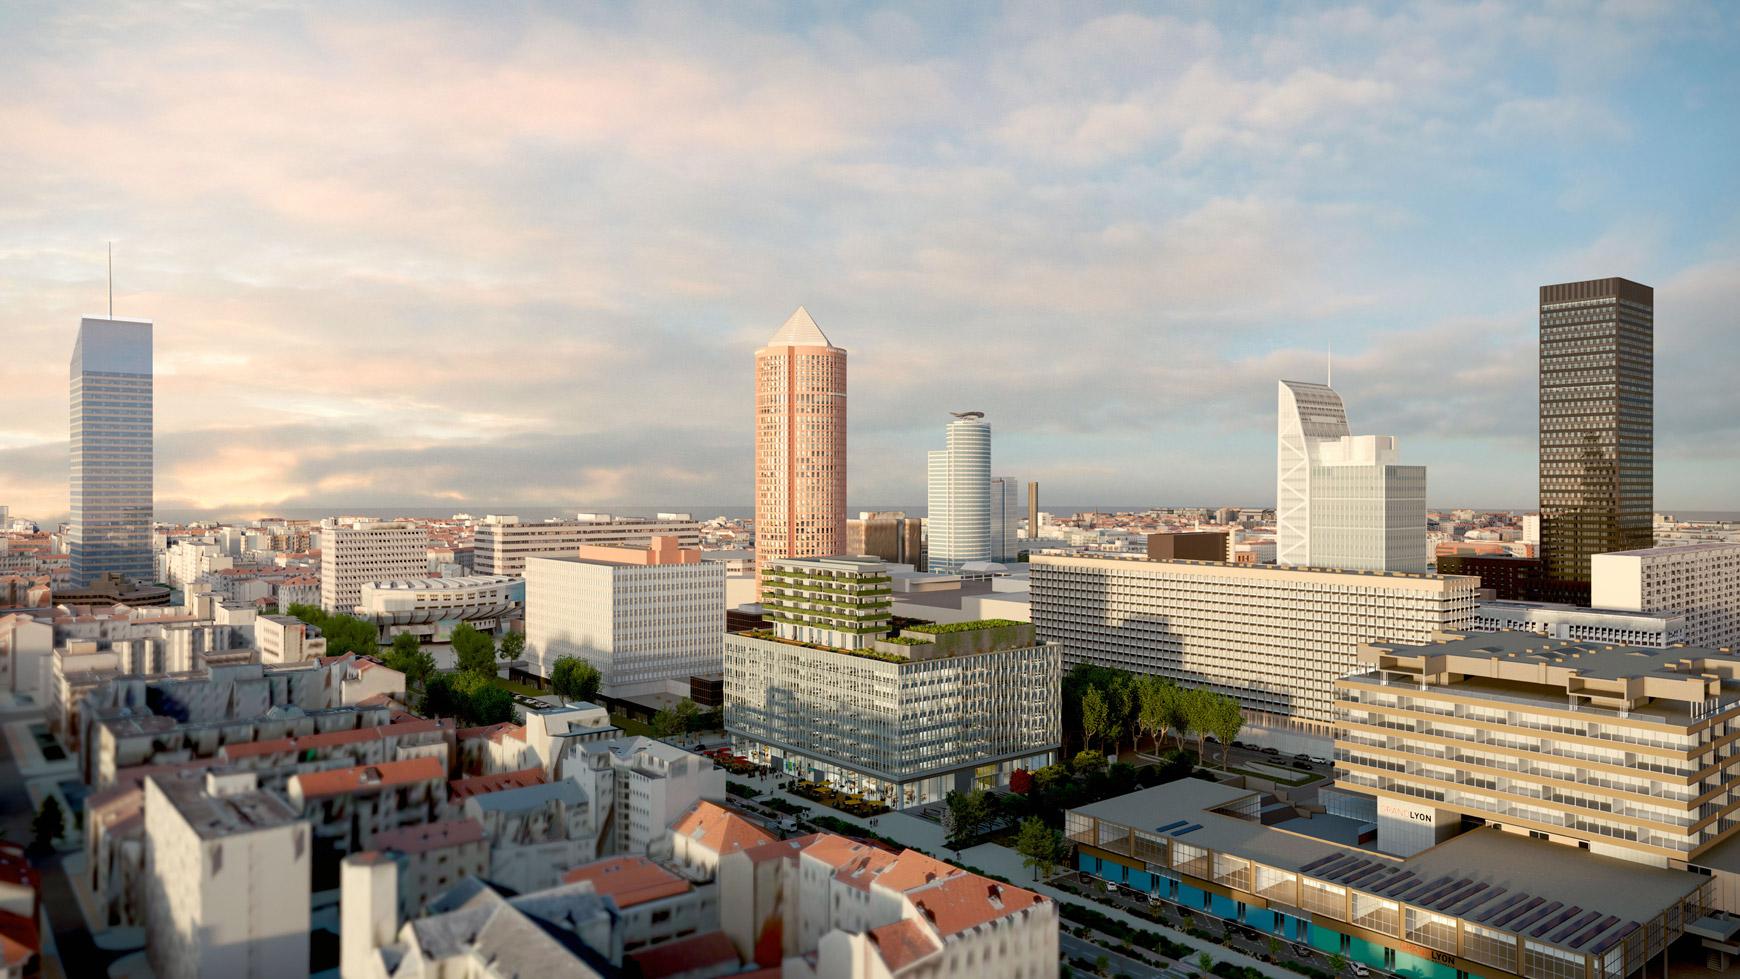 Bâtiment de bureaux, de logements et de commerces à Lyon Part-Dieu, certifié BREEAM EXCELLENT + NF HABITAT HQE + HQE BATIMENT, réalisé par le pôle Tertiaire de l'agence d'architecture SOHO ATLAS IN FINE LYON. Perspective, vue éloignée aérienne.